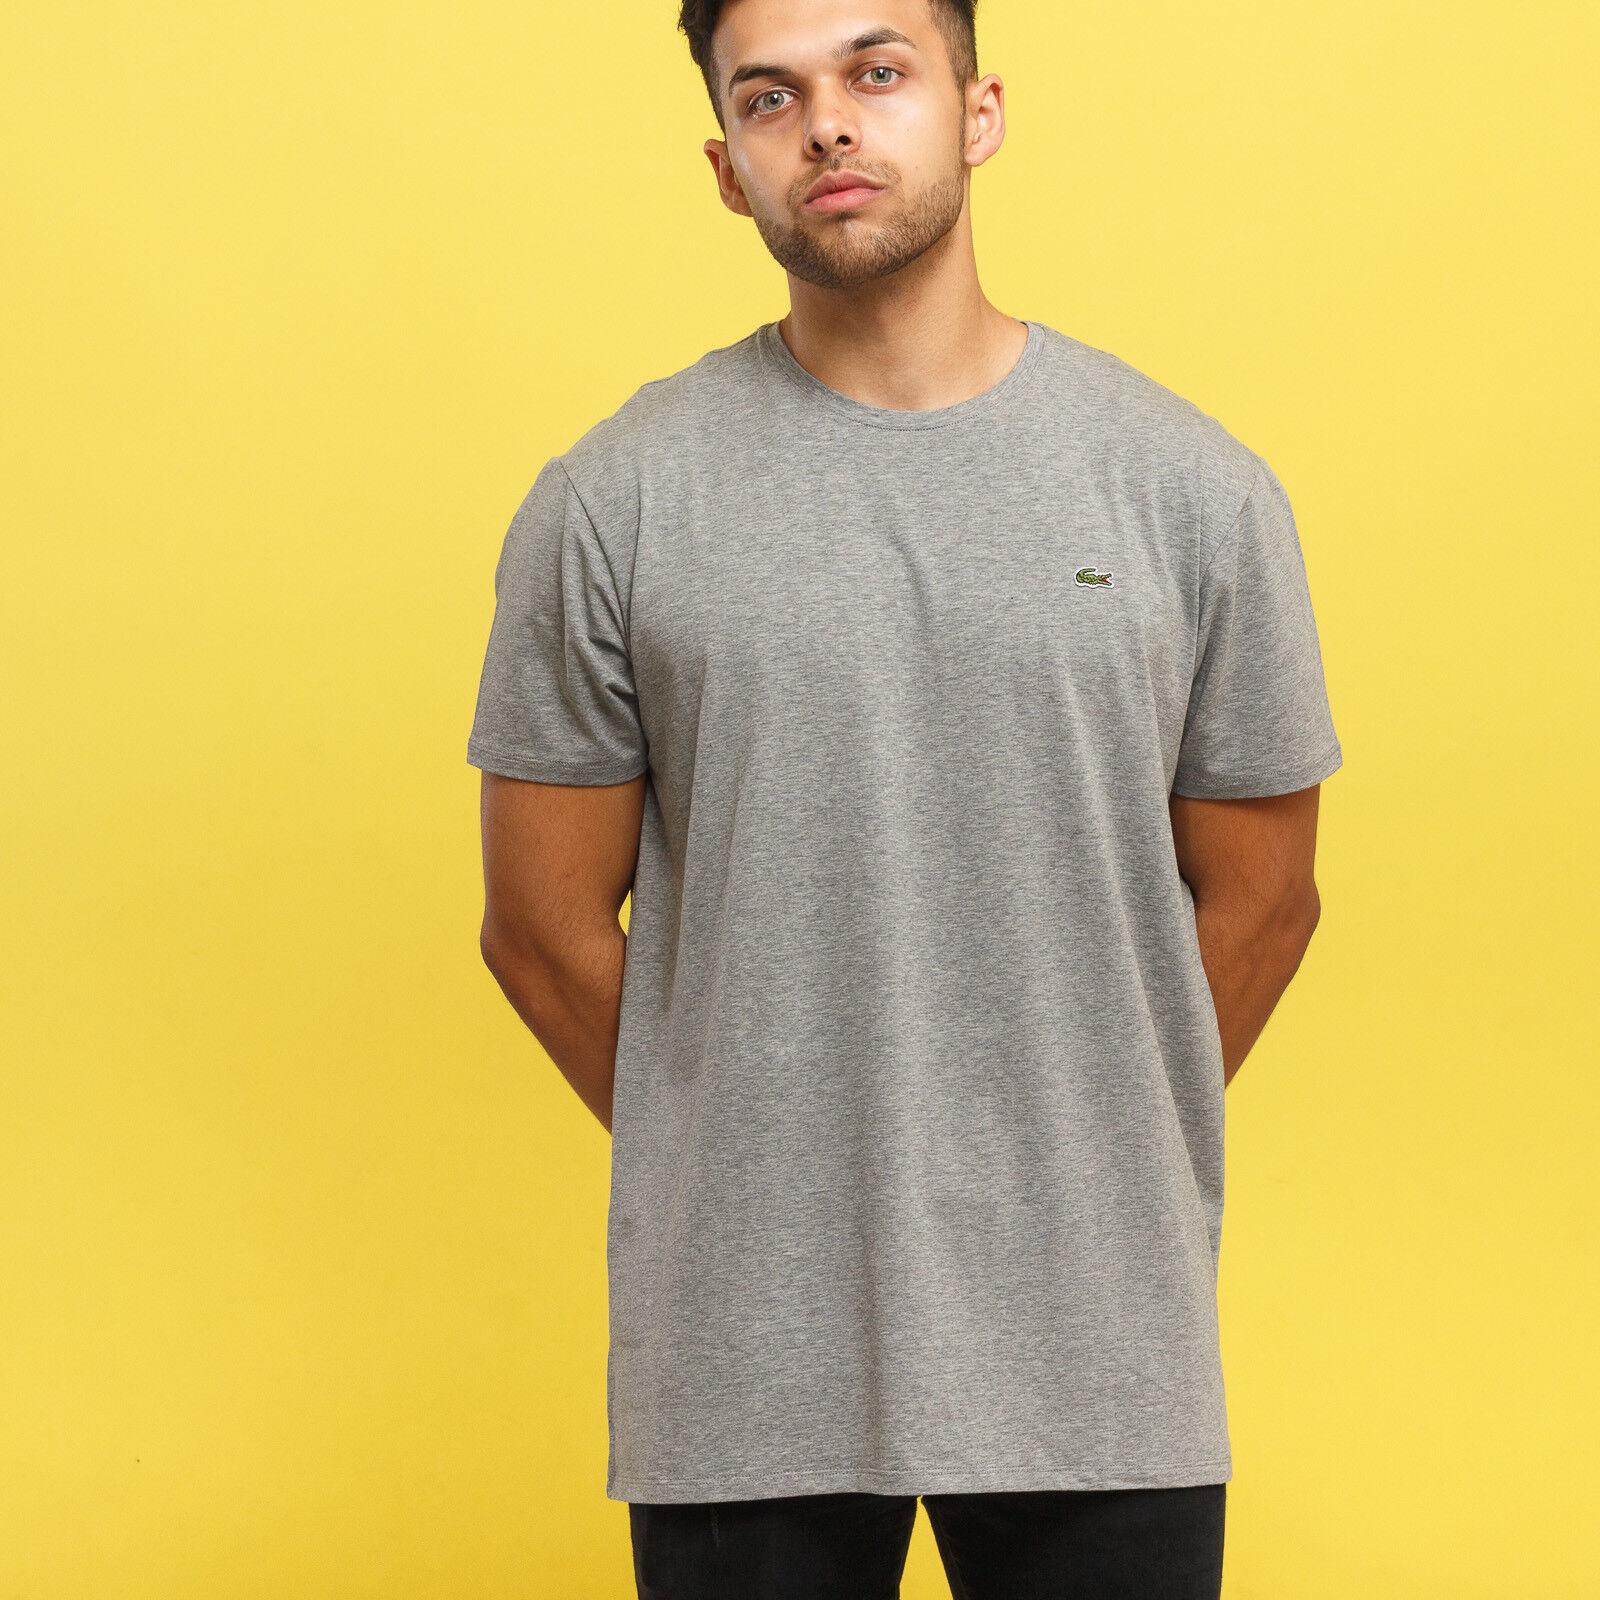 LACOSTE Base T-shirt grau melange M, Grau, TH6709